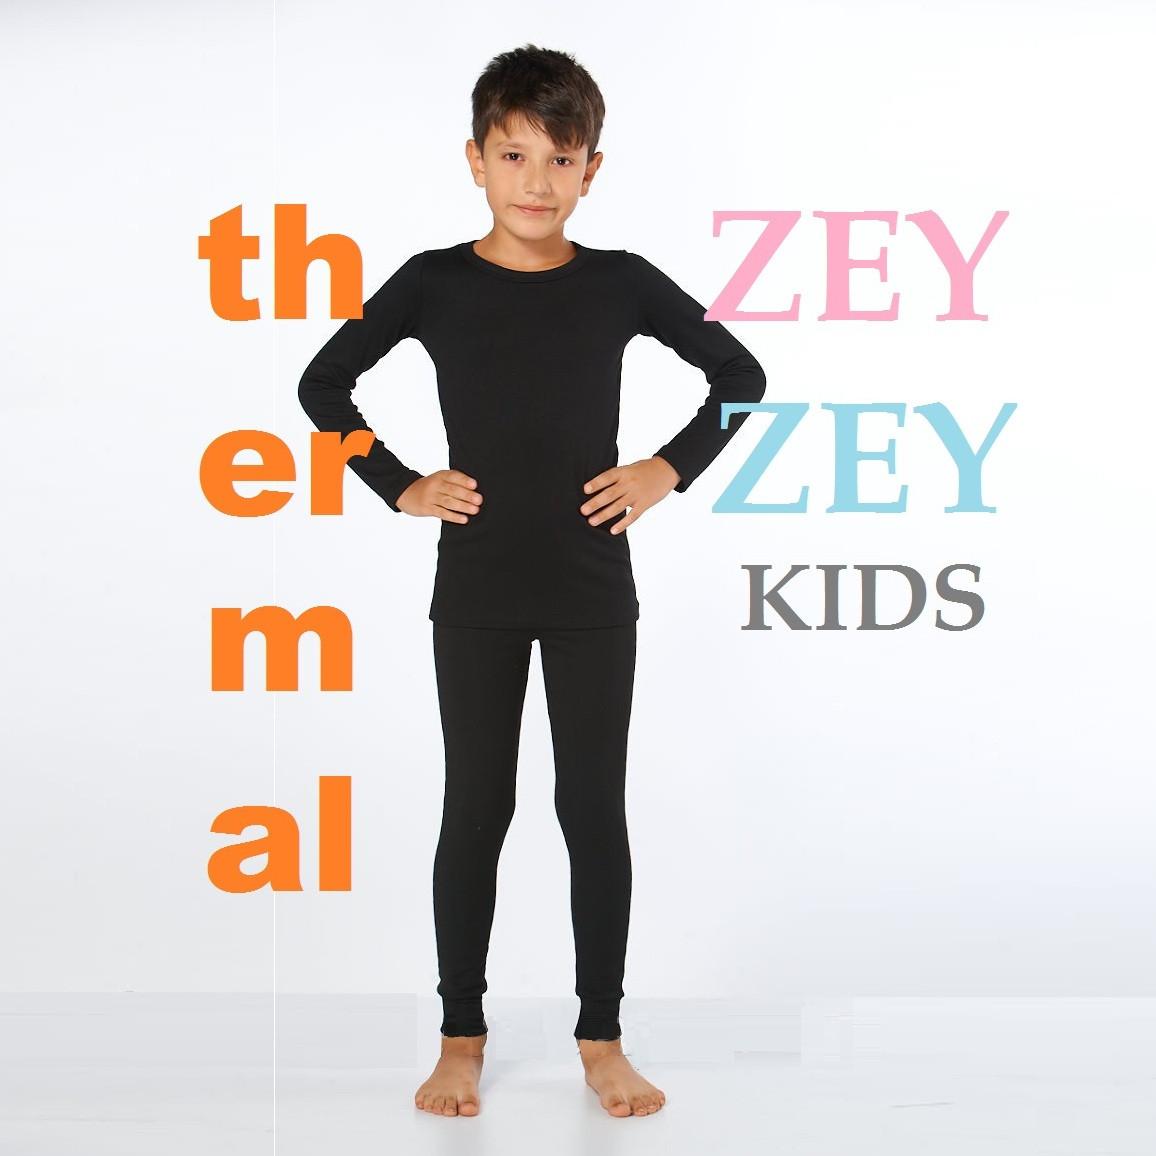 Детское термобелье Zey Zey kids